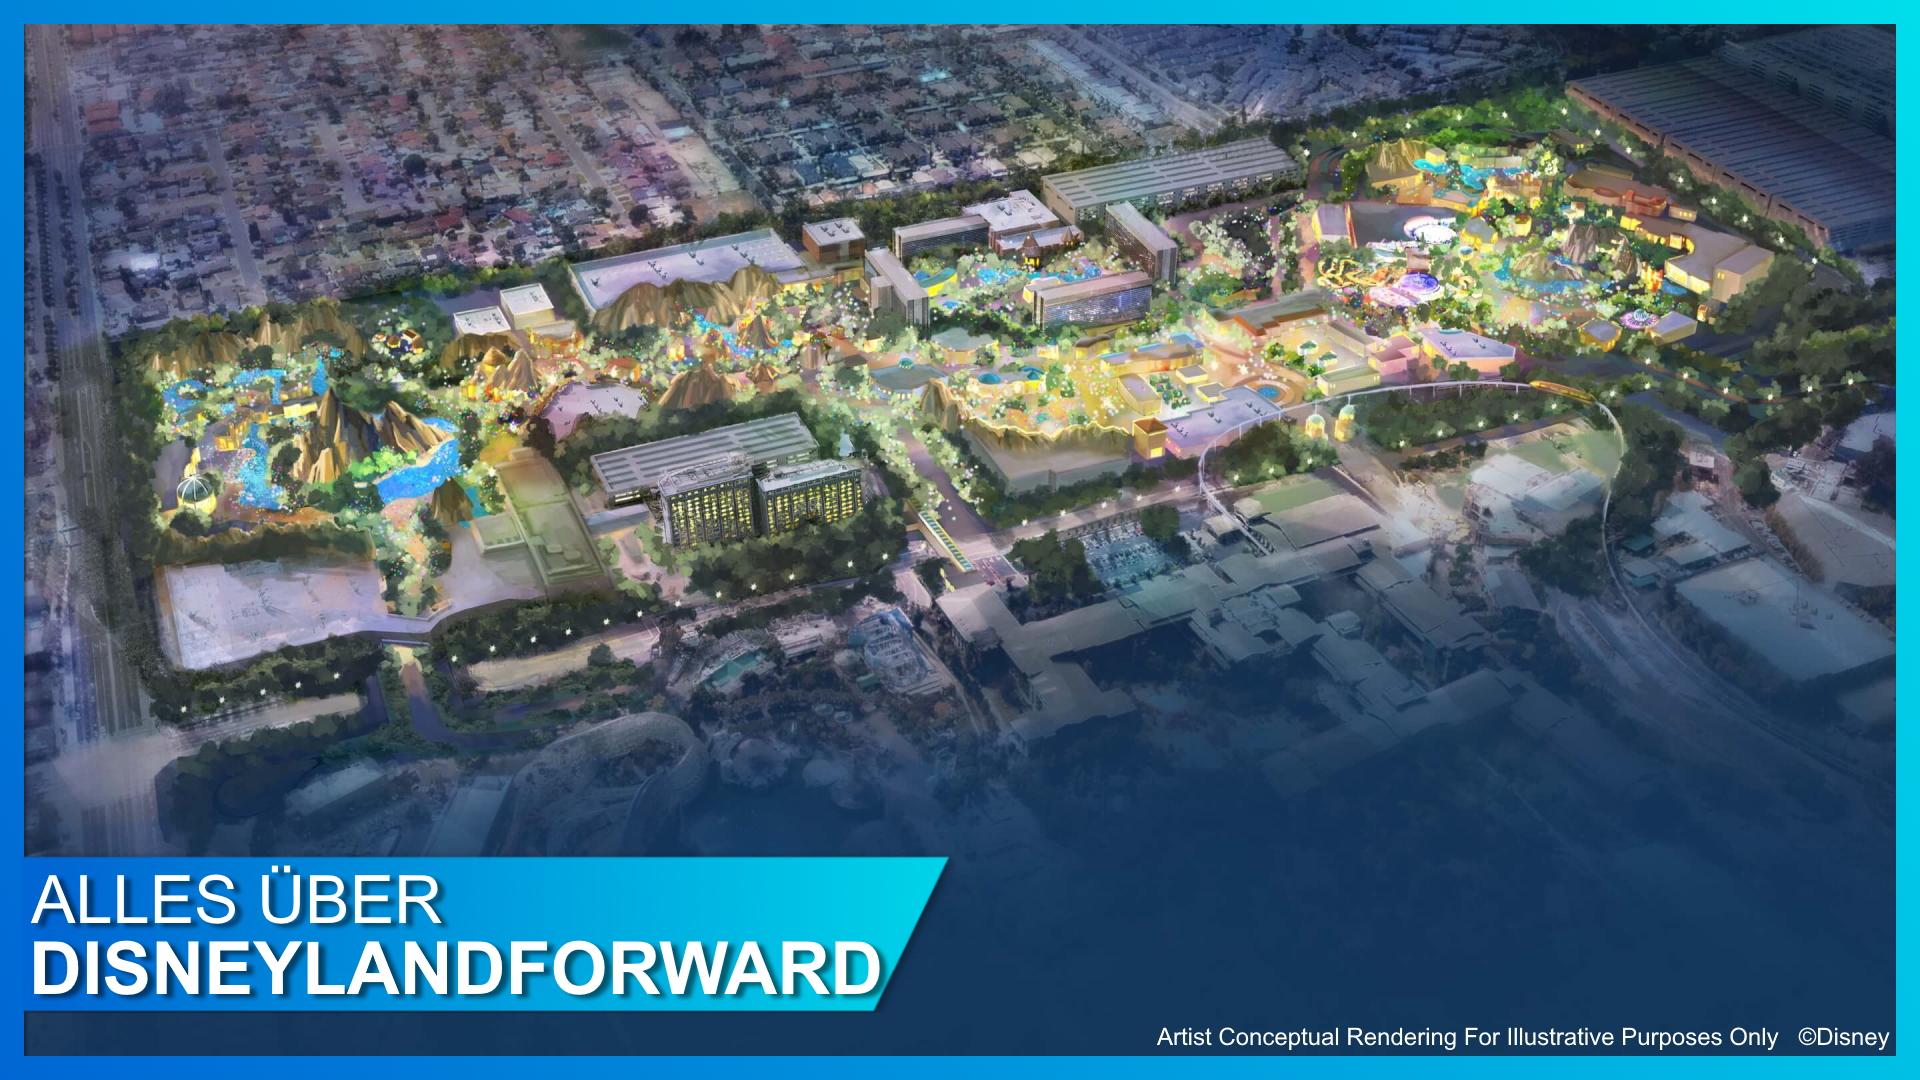 DisneylandForward Rendering